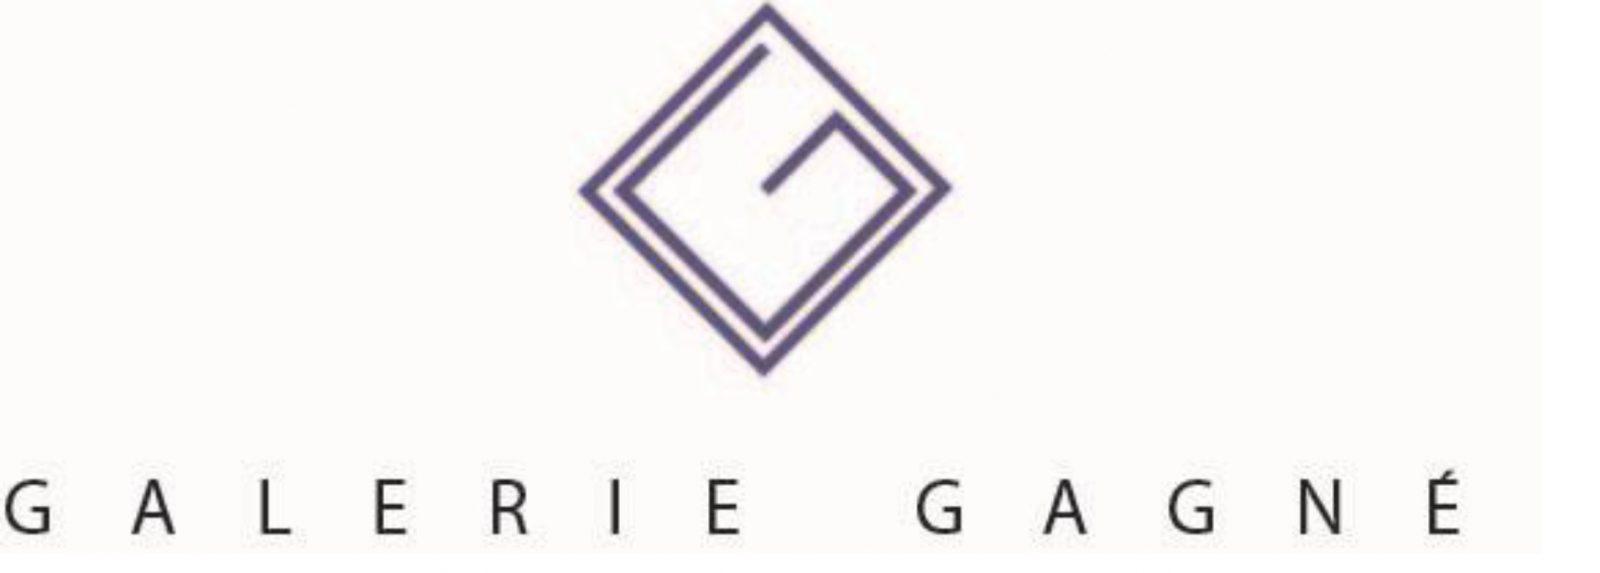 Galerie Gagné